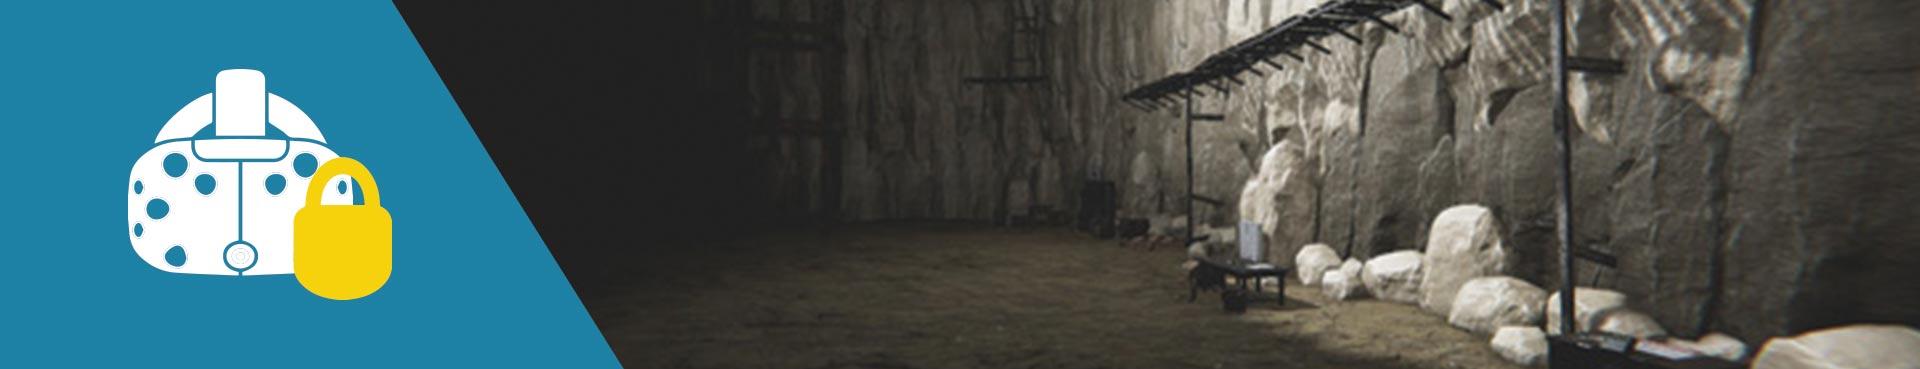 escape game réalité virtuelle